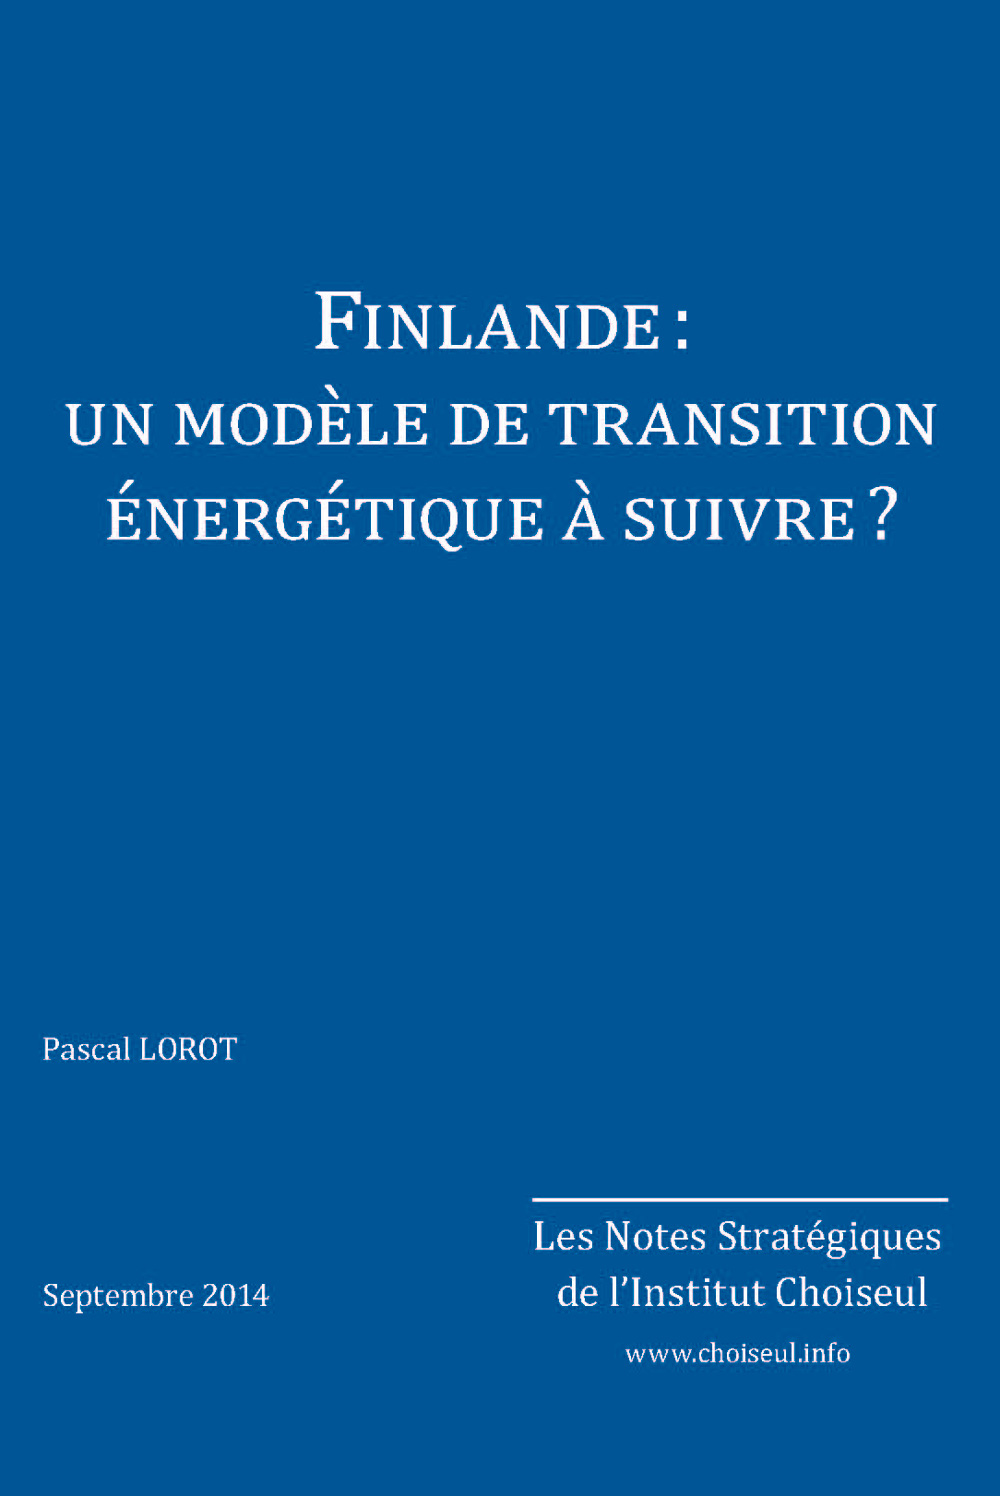 Finlande: un modèle de transition énergétique à suivre?